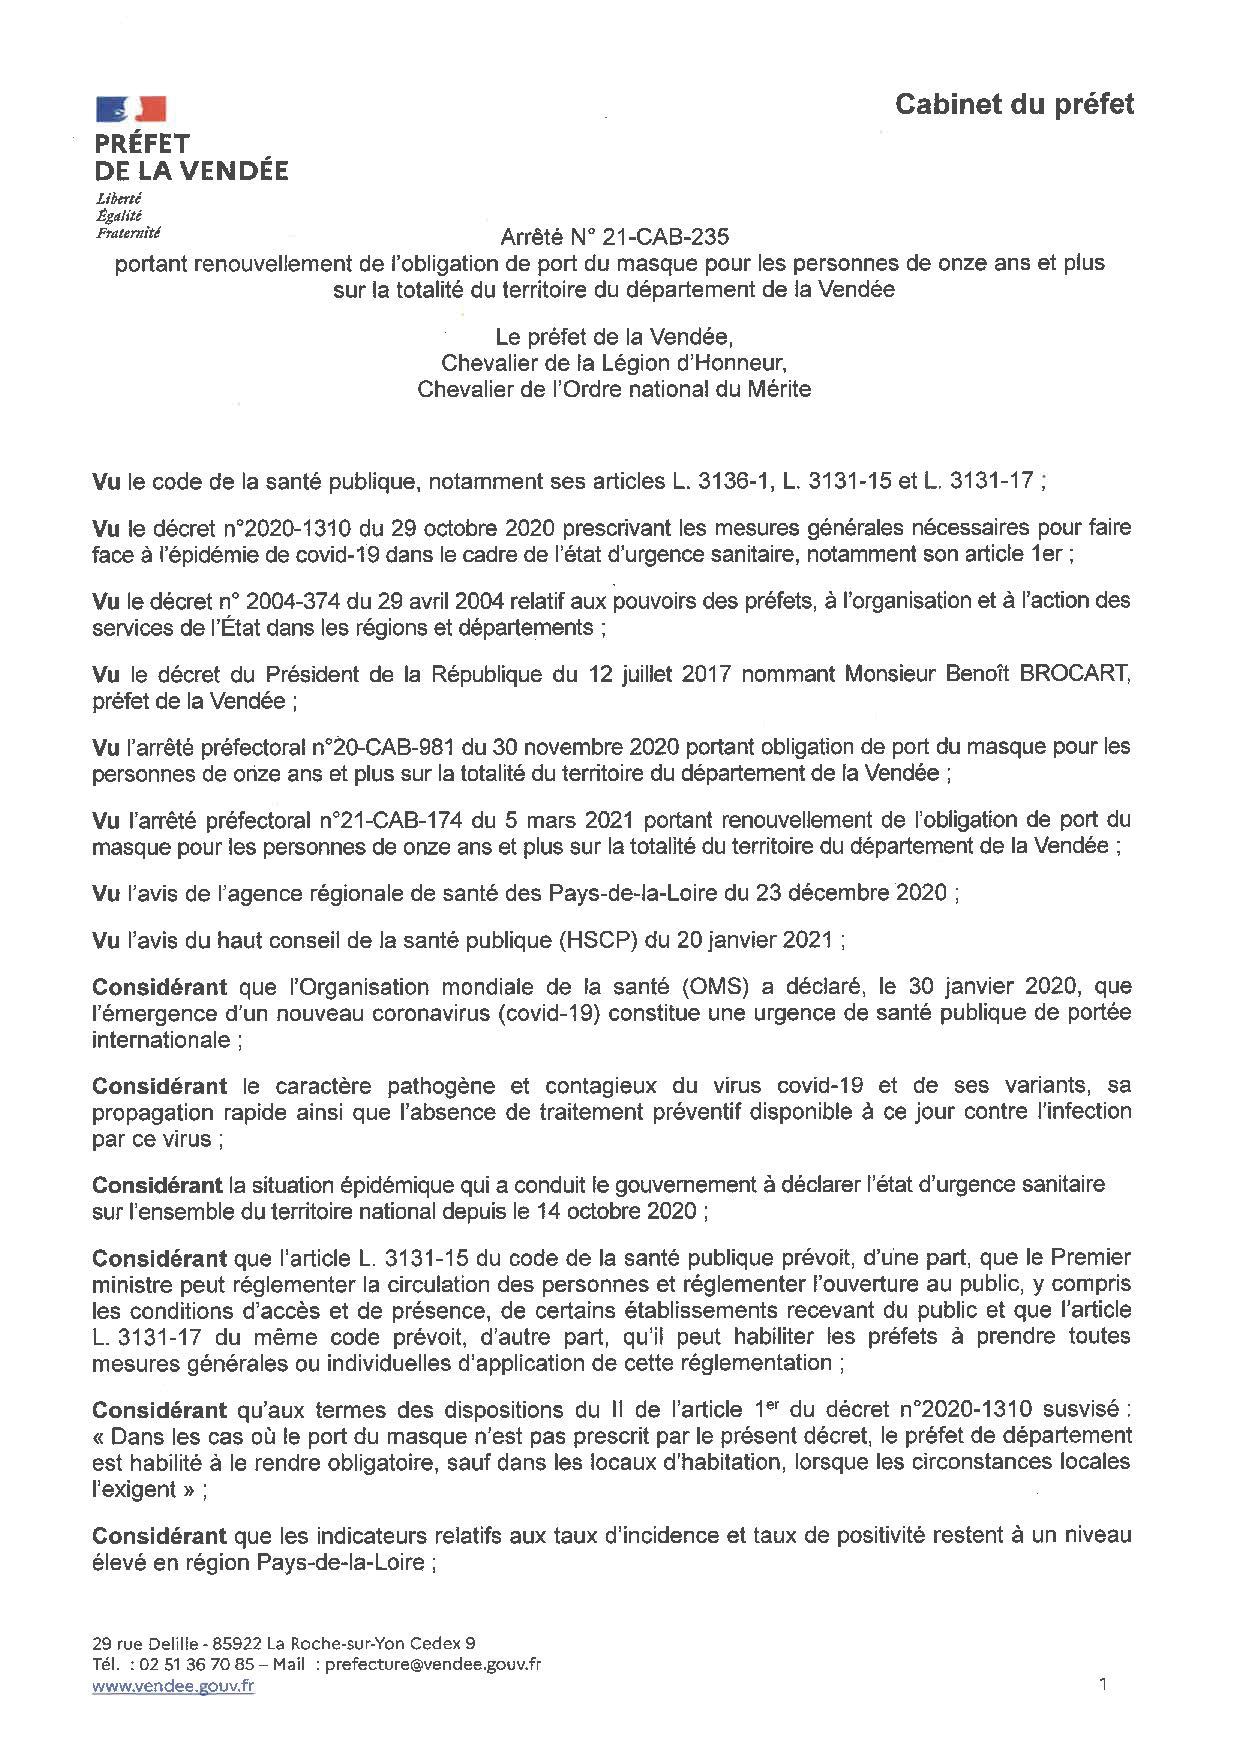 Renouvellement de l'obligation du port du masque pour les personnes de onze ans et plus sur la totalité du territoire du Département de la Vendée jusqu'au lundi 26 avril 2021 inclus